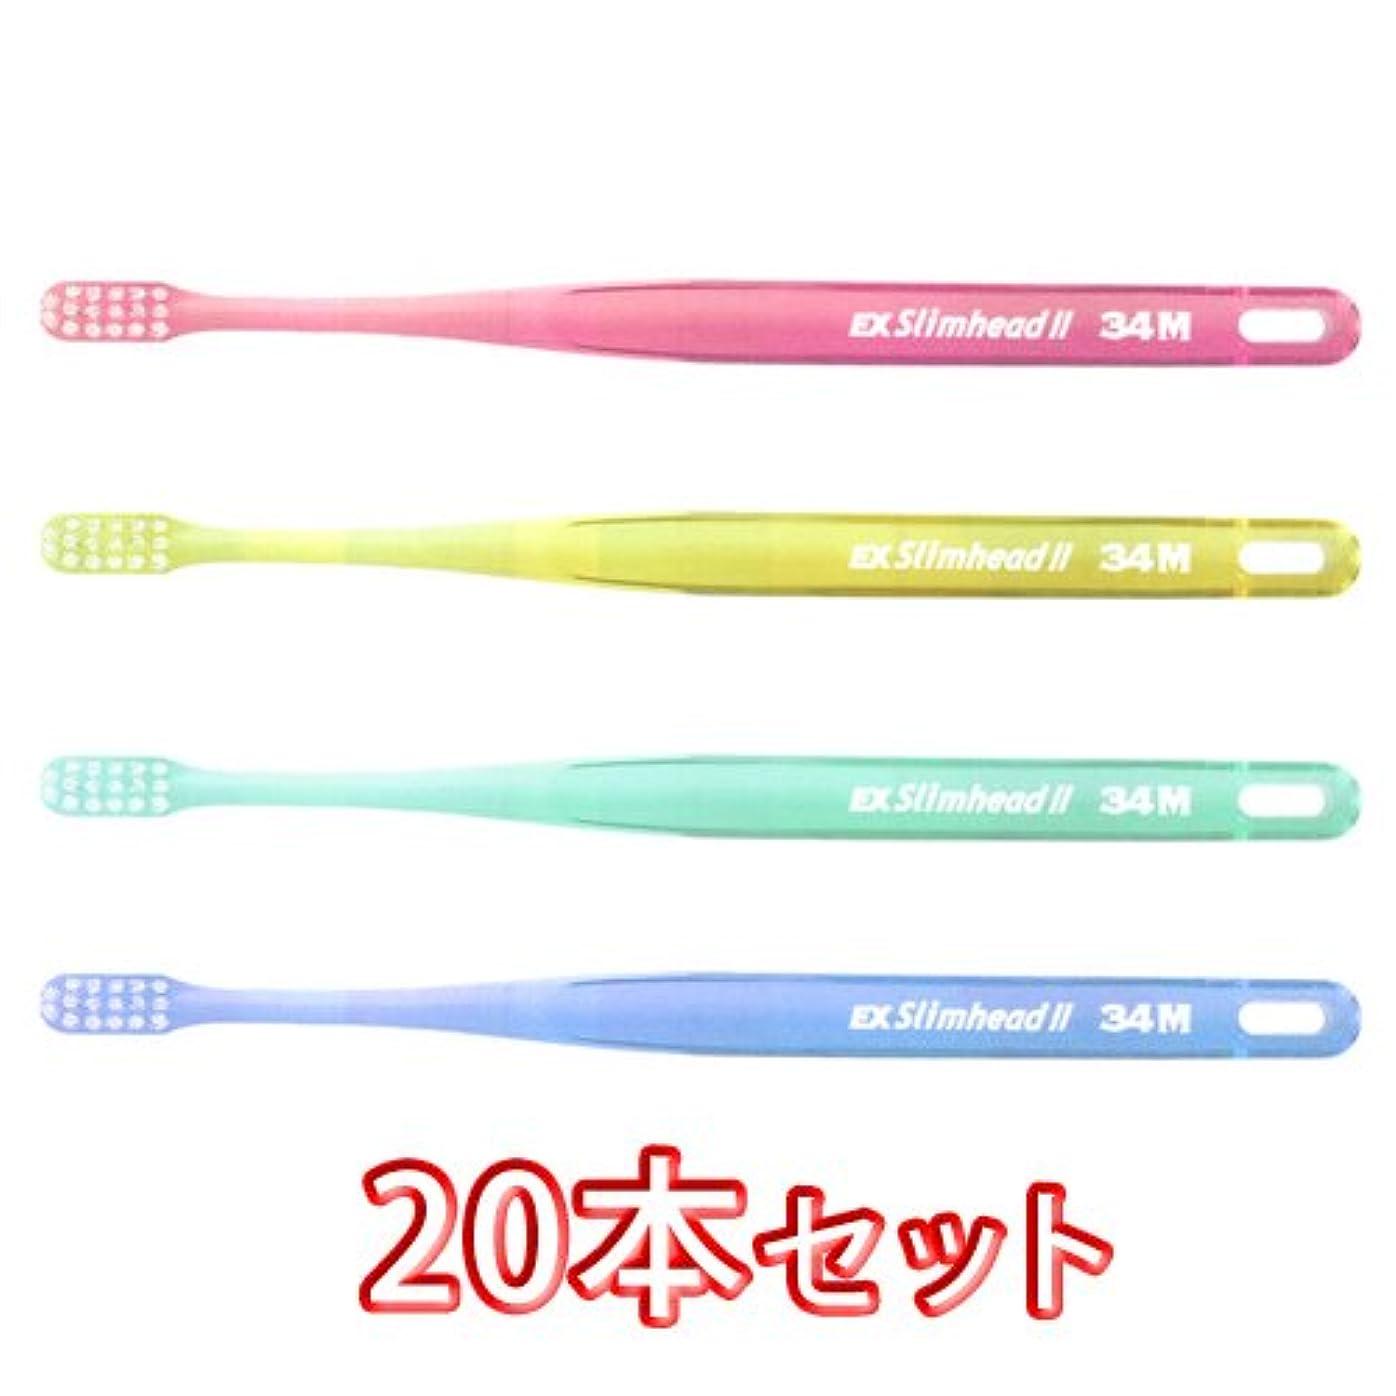 好きキリストシャーロットブロンテライオン スリムヘッド2 歯ブラシ DENT . EX Slimhead2 20本入 (34M)